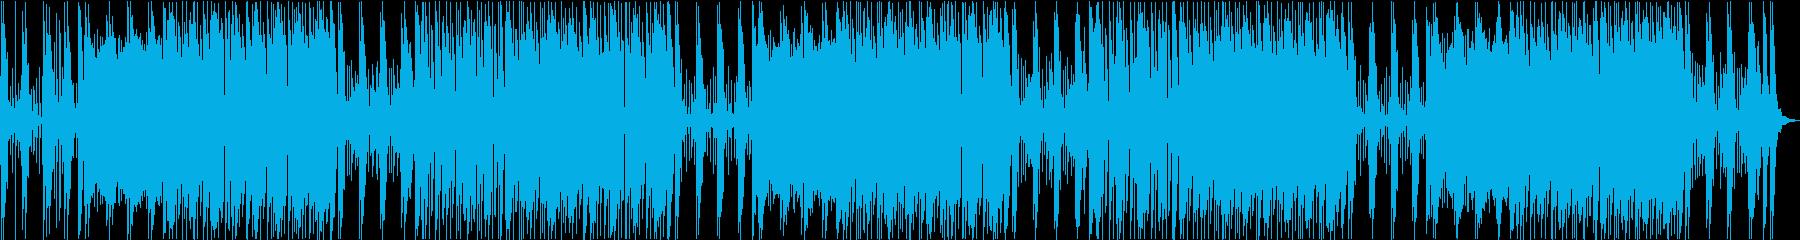 レゲトン ラップ 不思議 奇妙 ベ...の再生済みの波形